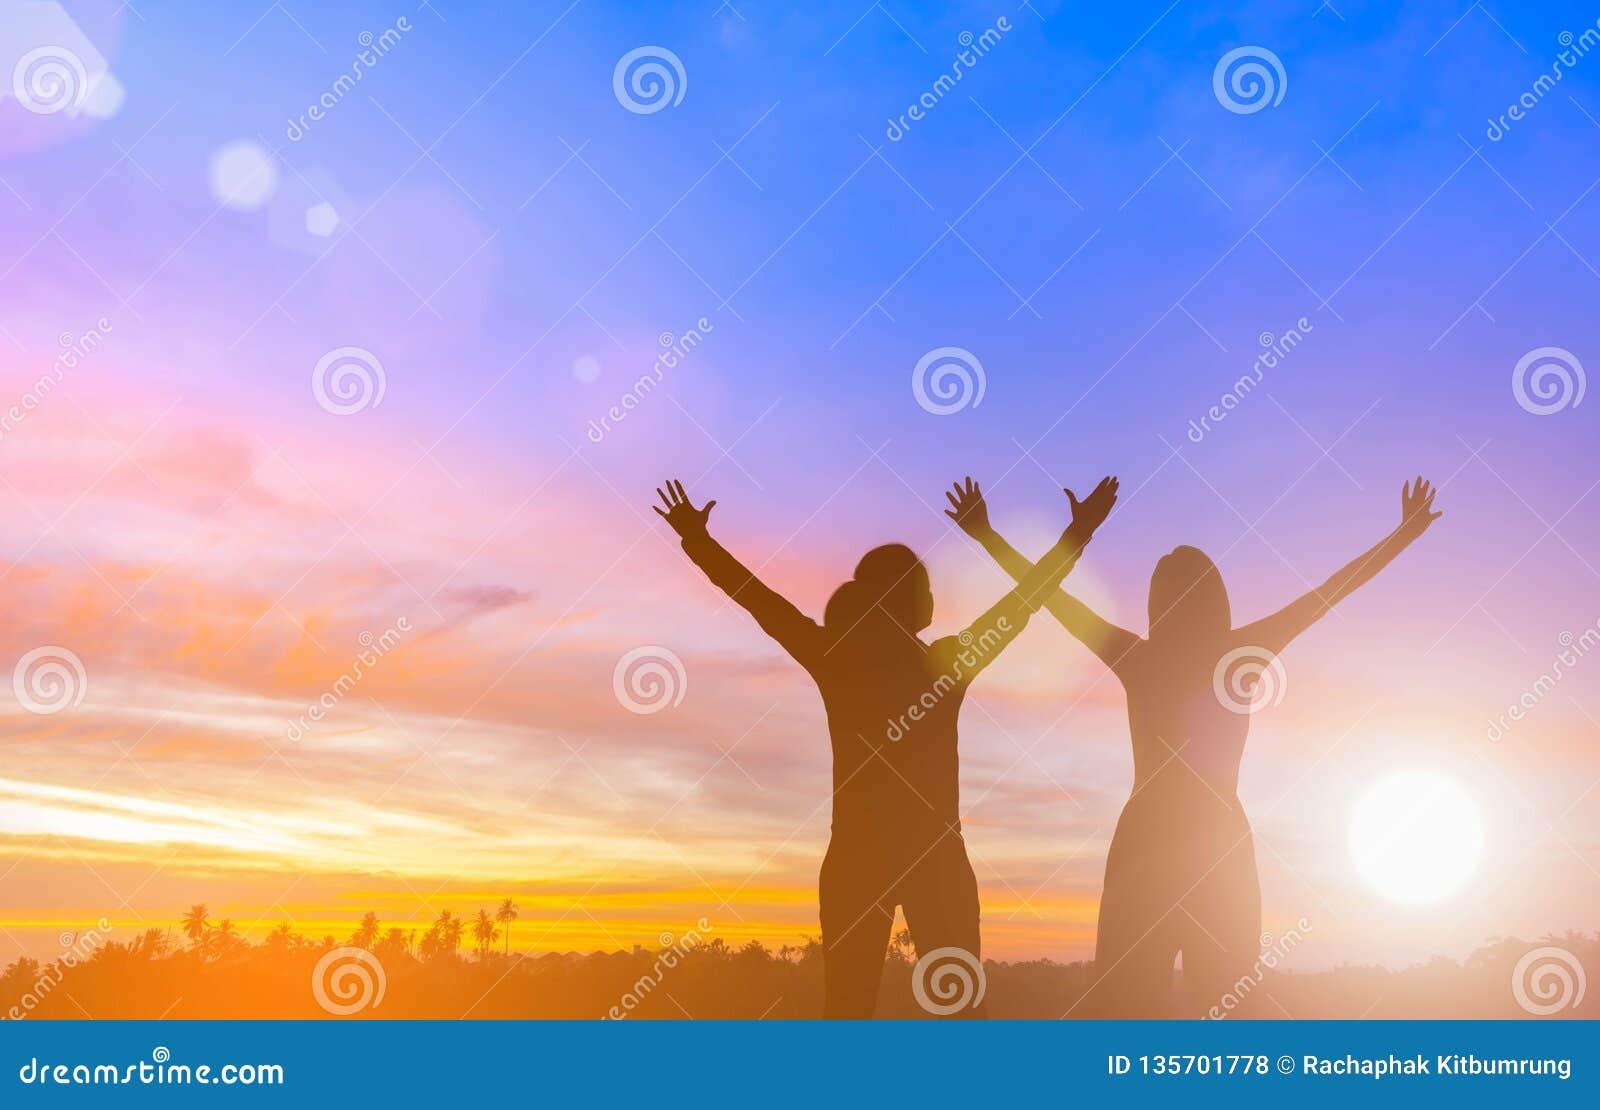 Zwei glückliche erfolgreiche Frauen, die Arme in Richtung zur schönen Landschaft anheben Leute erzielen Lebenzielziel Geschäftsfr